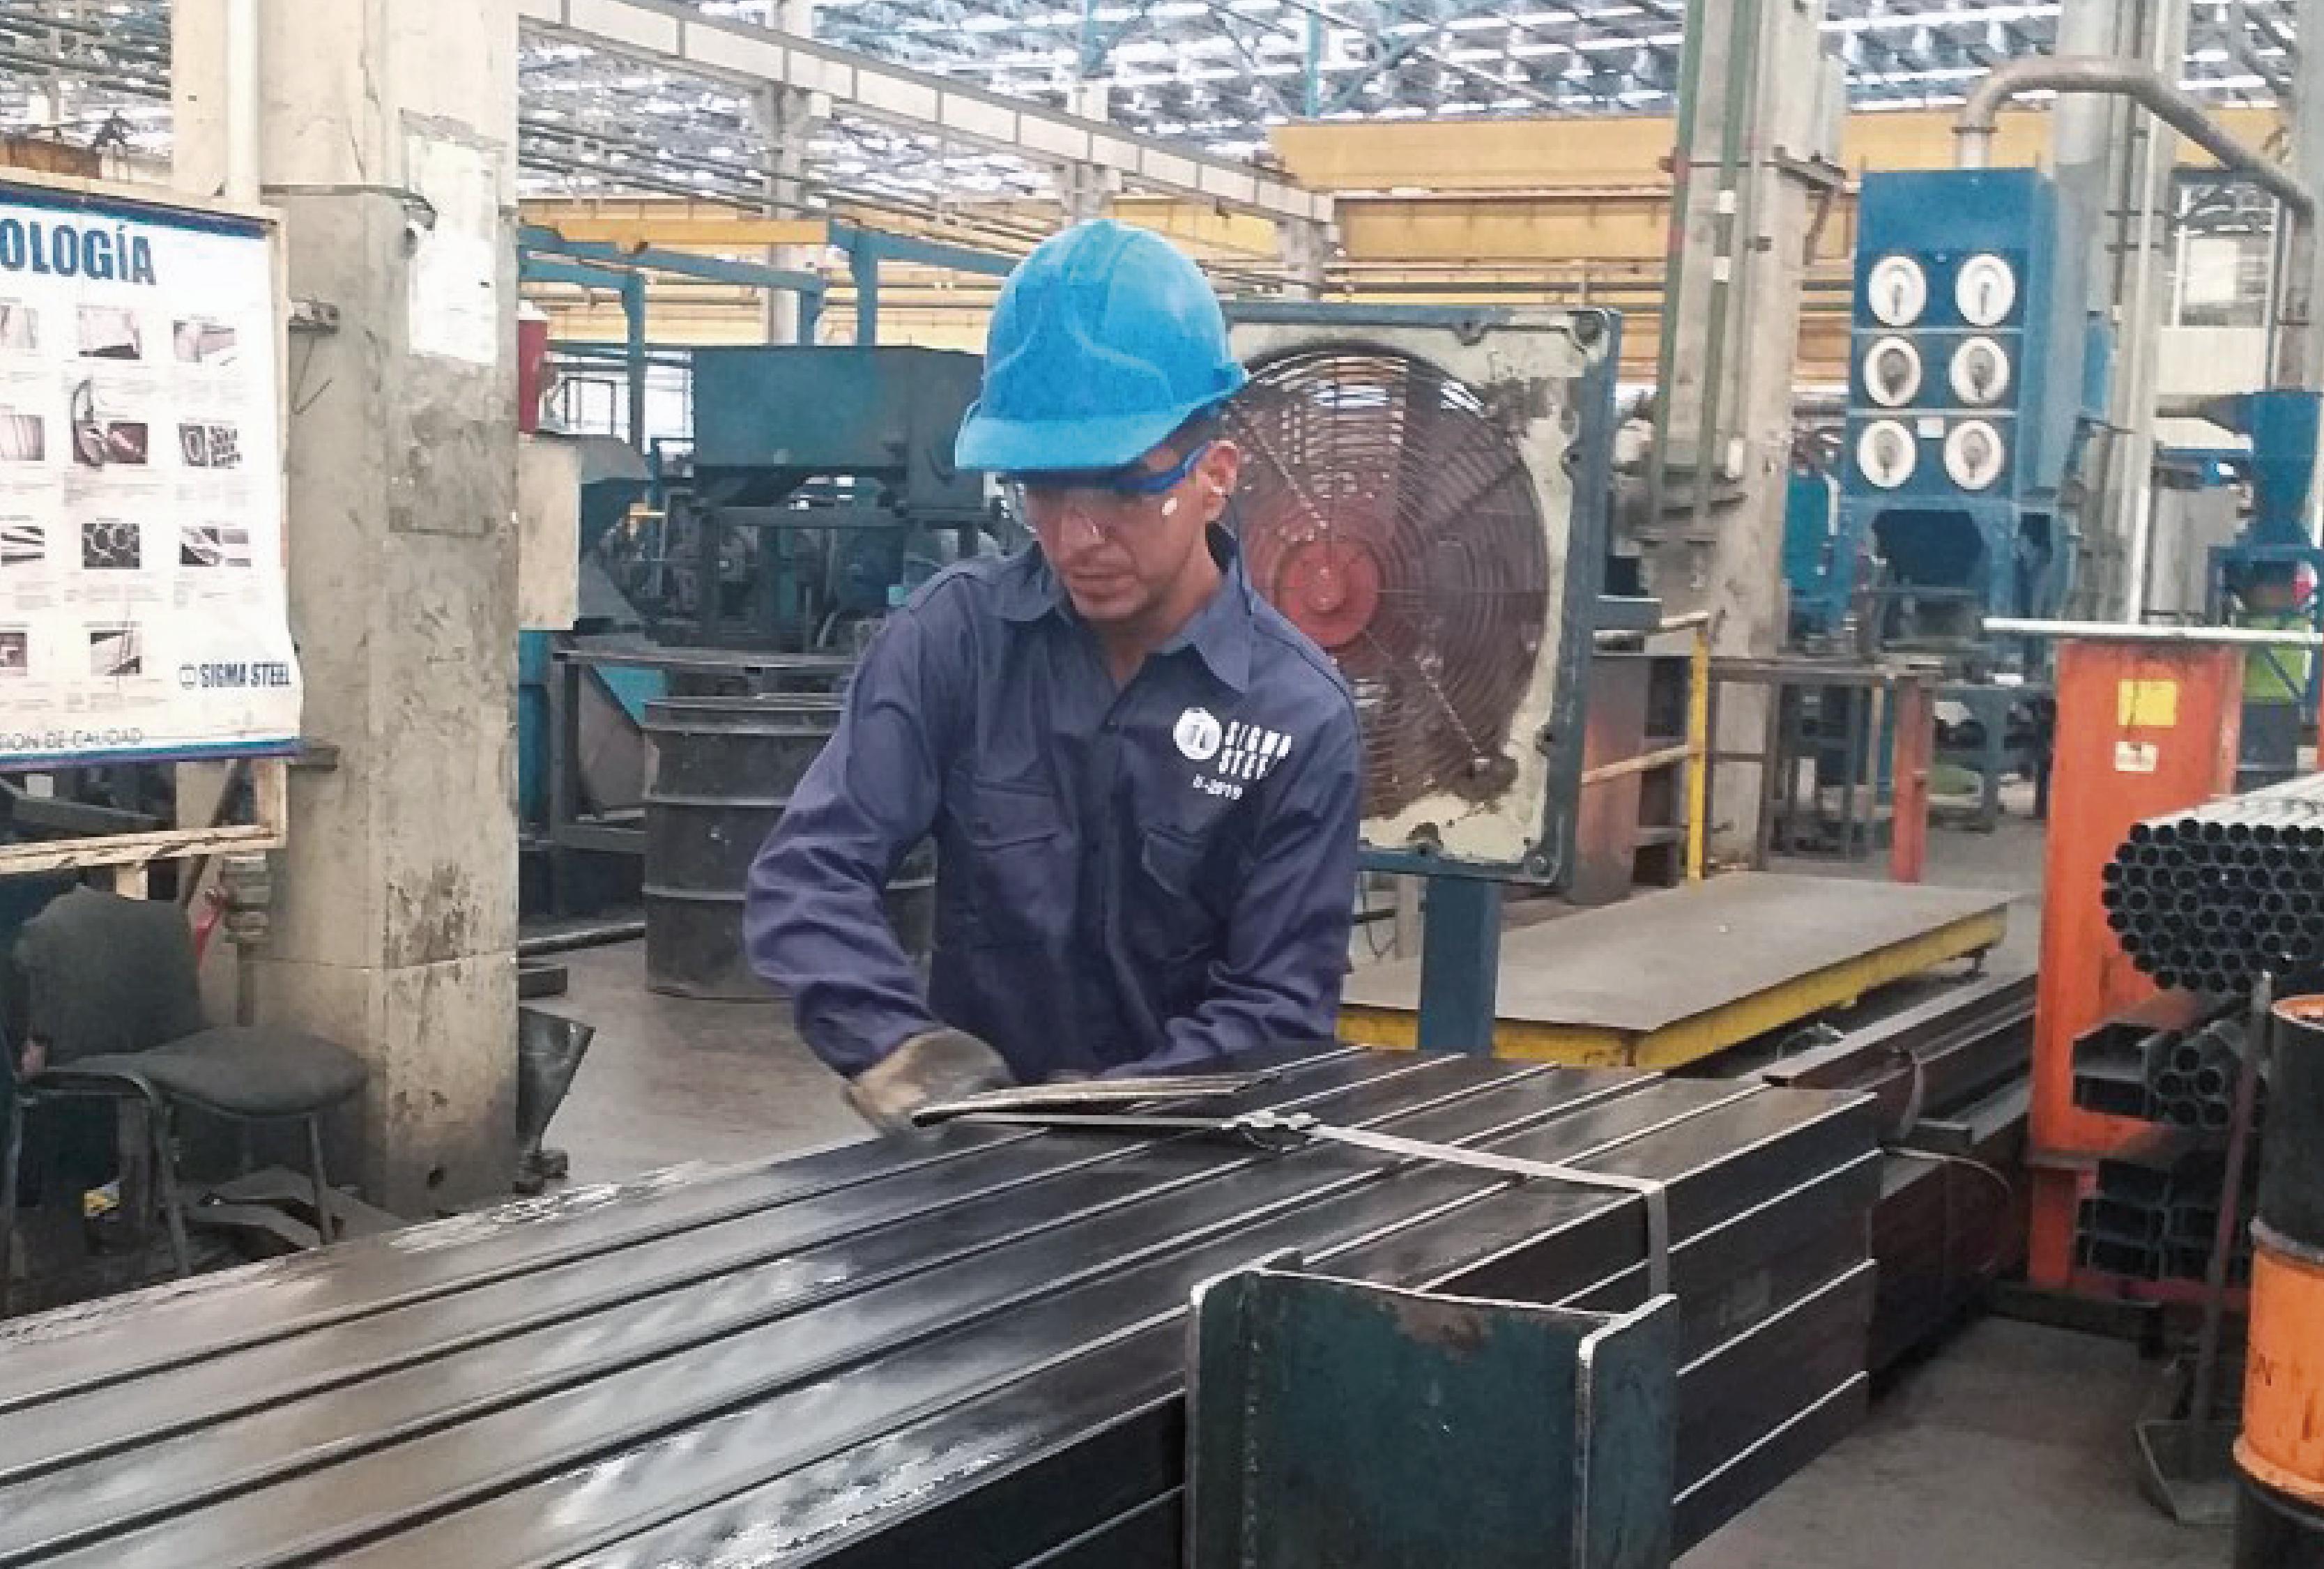 ¿Cómo el empleo inclusivo mejora las vidas de migrantes en Barranquilla?